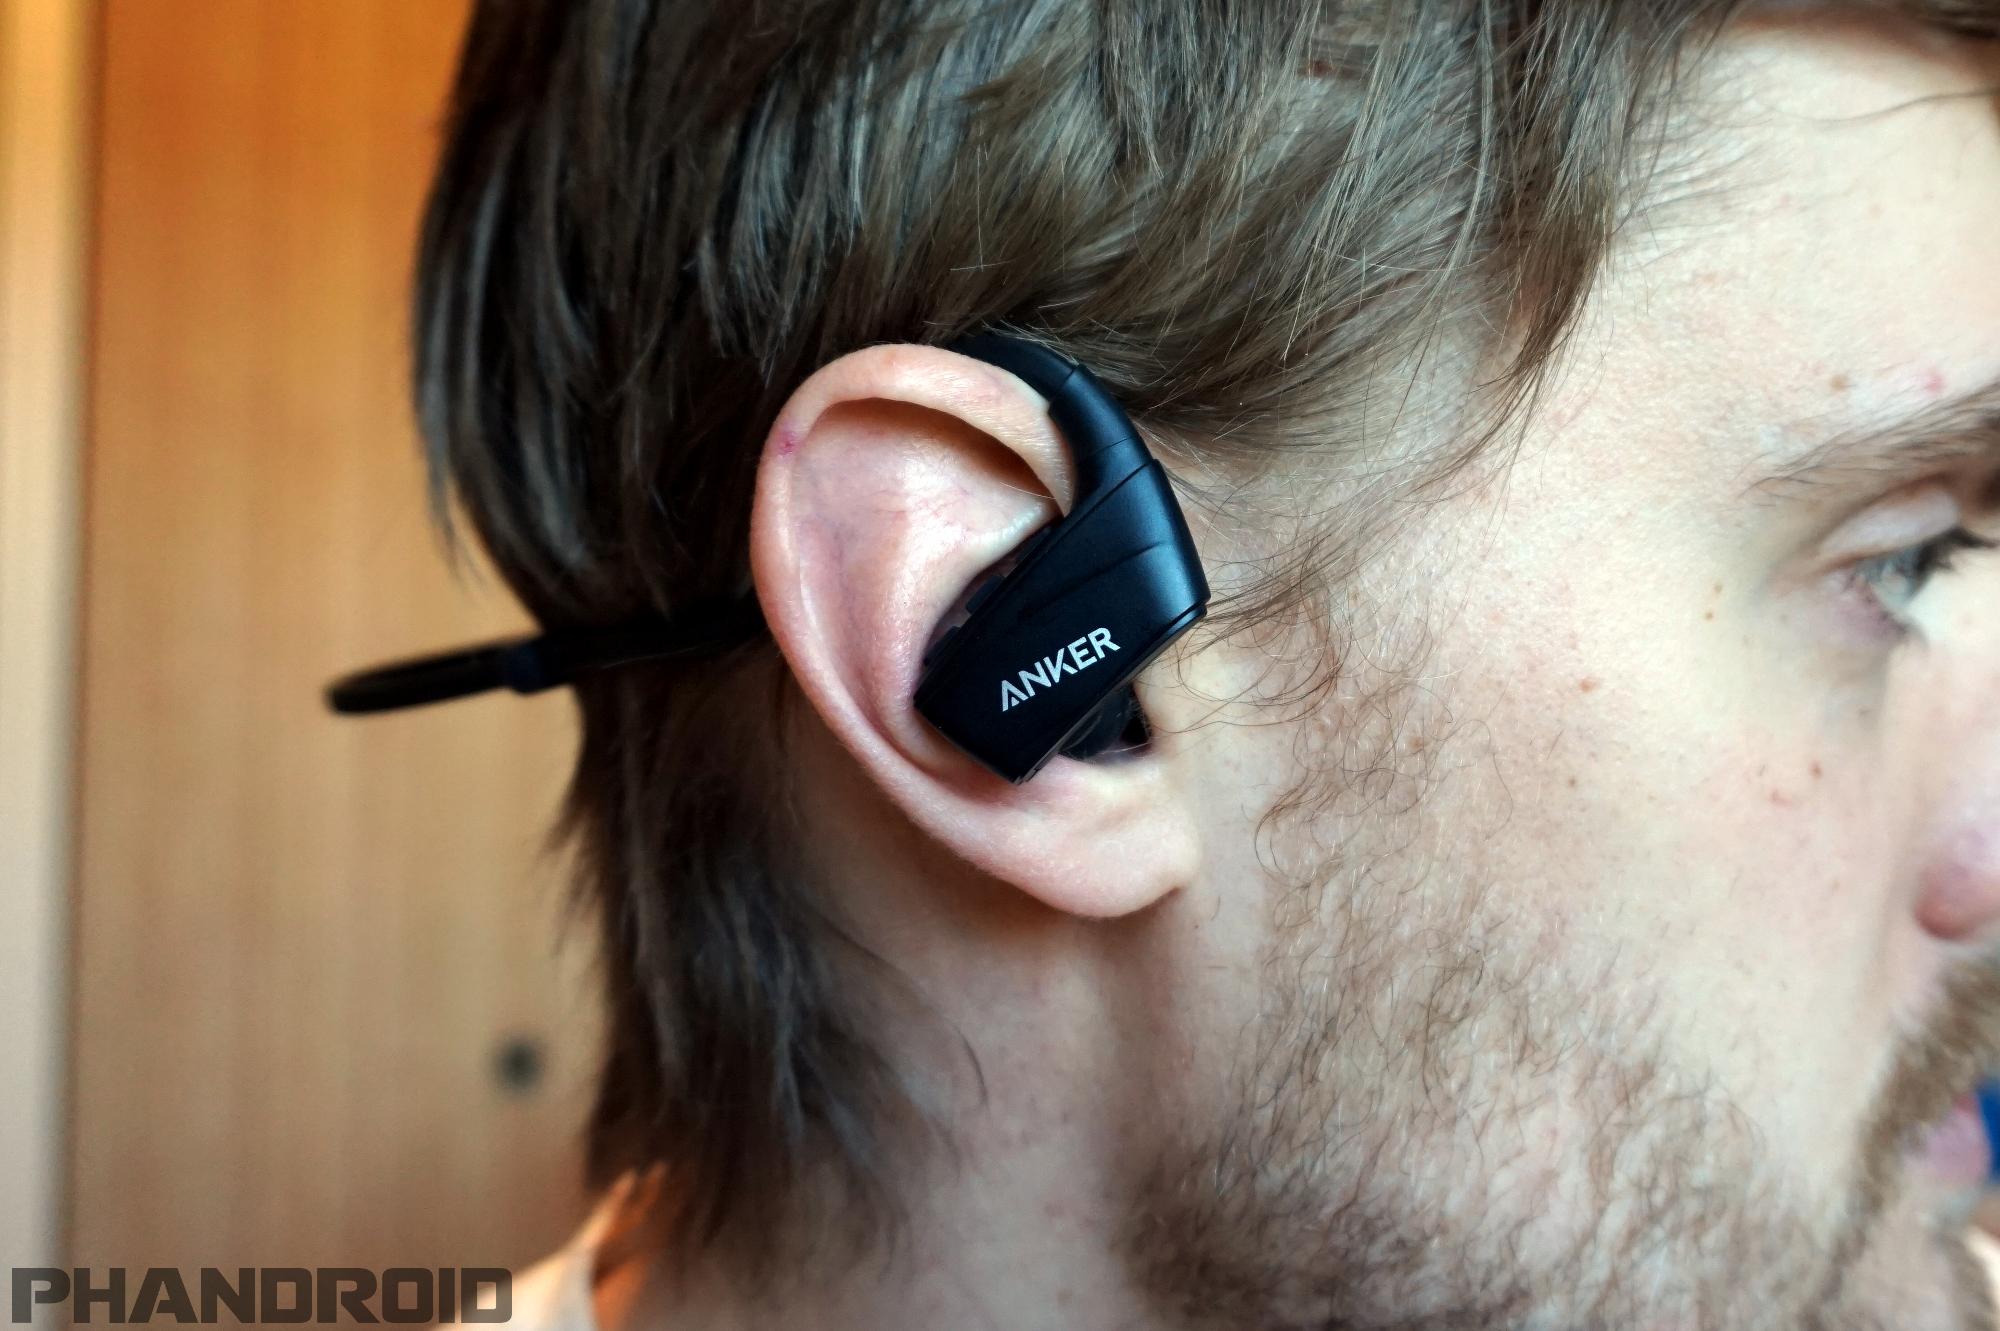 51bea54e9c5 Anker SoundBuds: The Best Cheap Bluetooth Headphones [VIDEO]